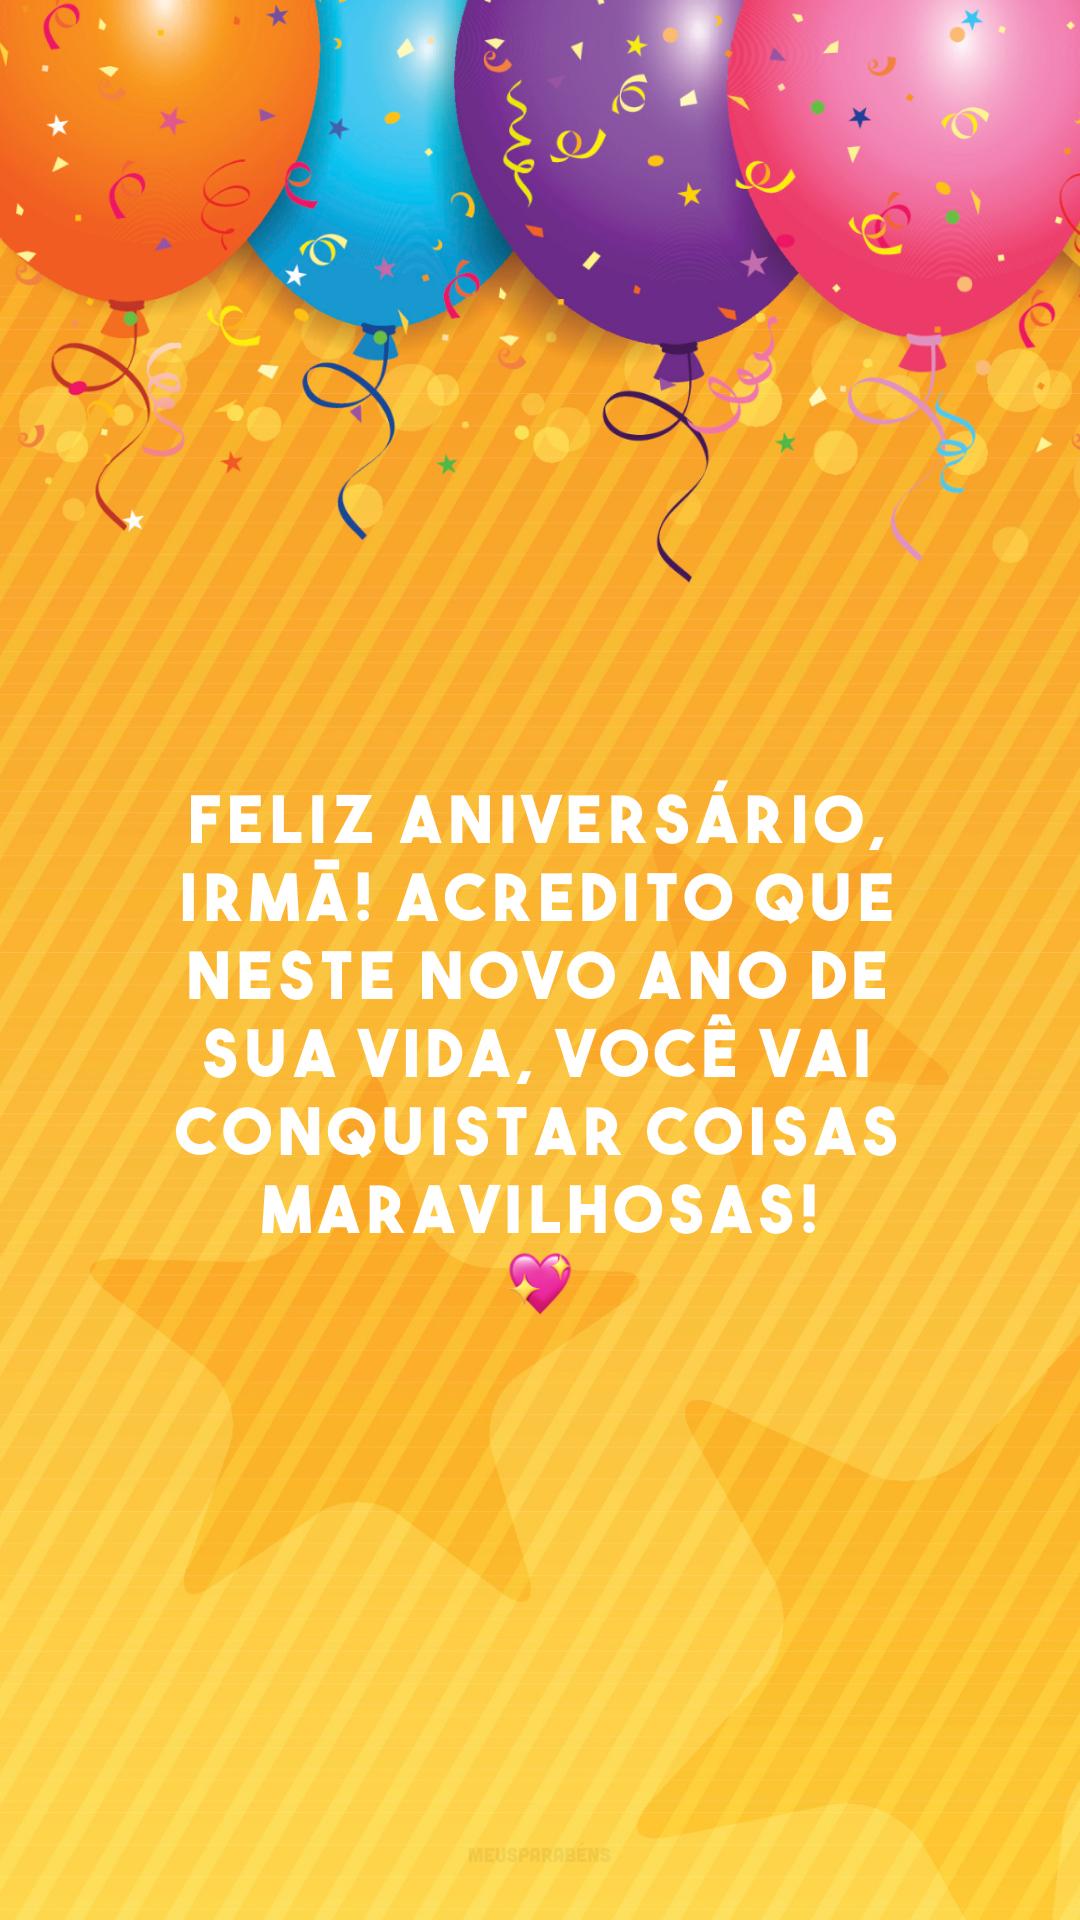 Feliz aniversário, irmã! Acredito que neste novo ano de sua vida, você vai conquistar coisas maravilhosas! 💖